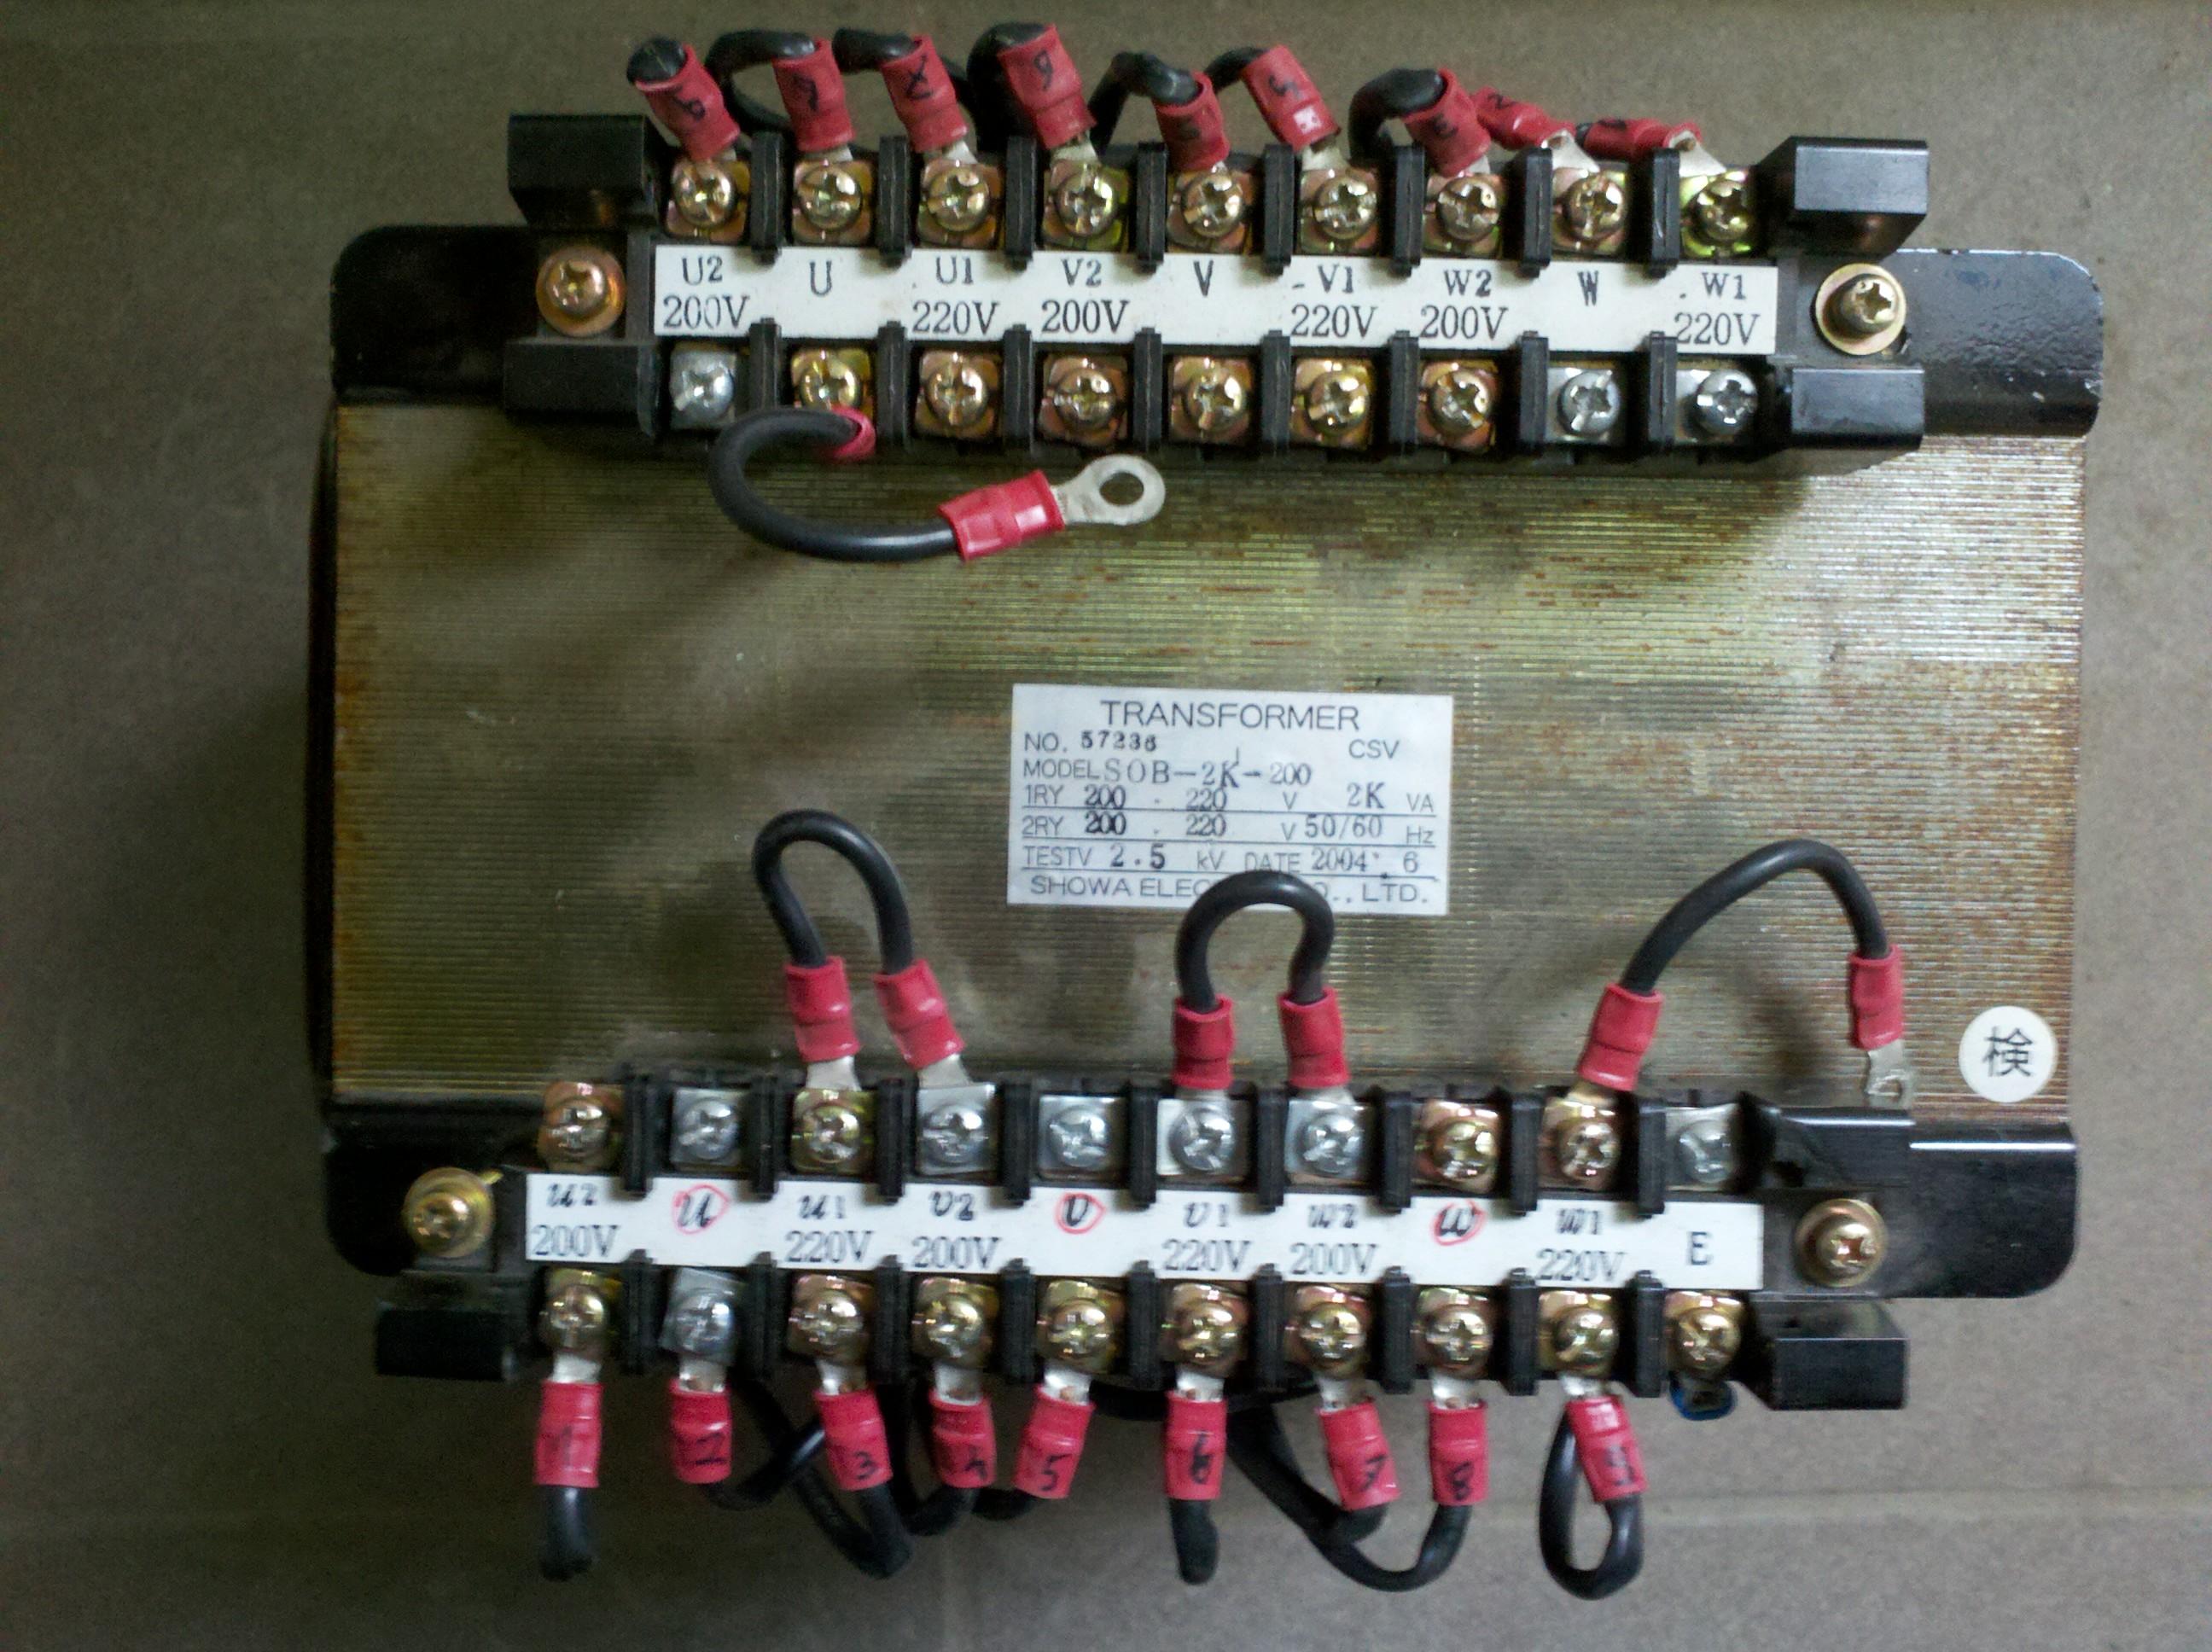 Transformator separacyjny tr�jfazowy Showa electric- jak pod��czy�?